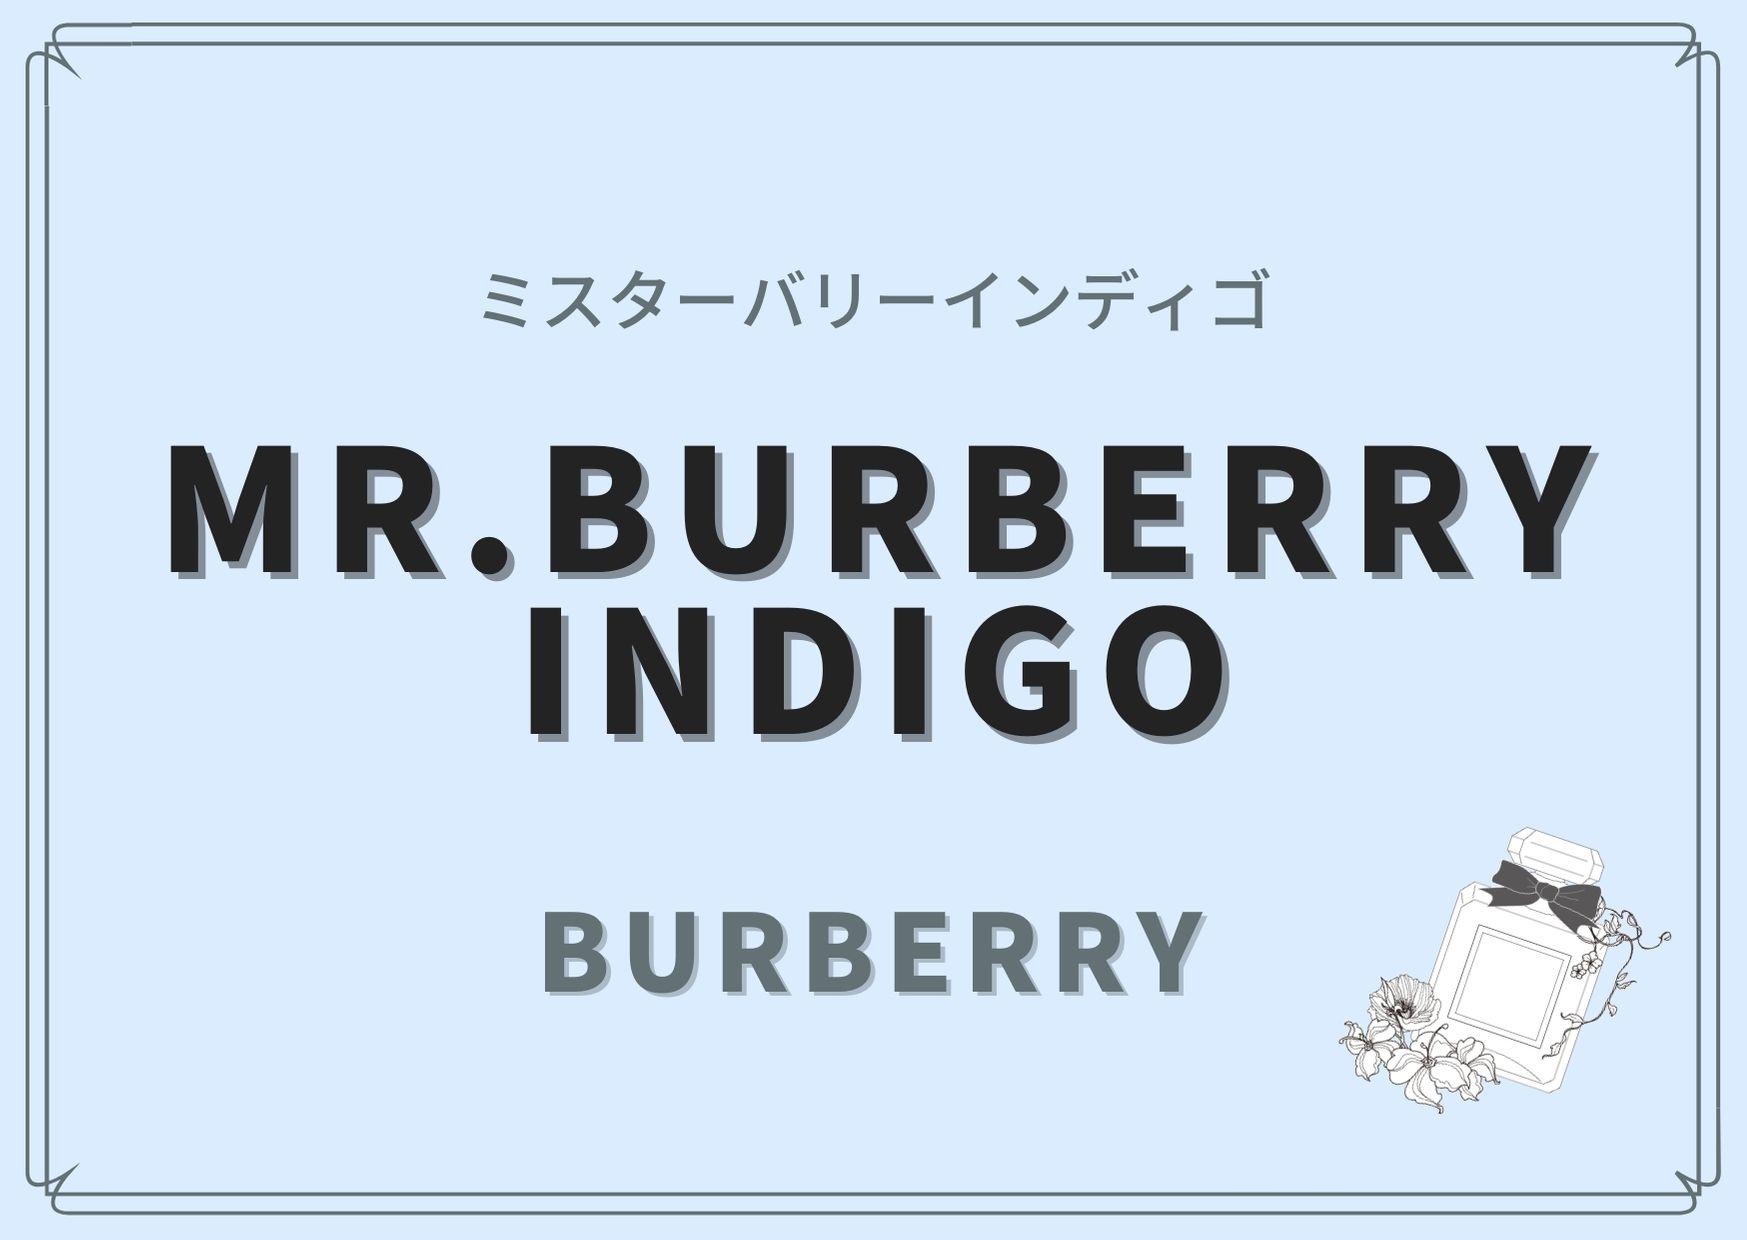 Mr.Burberry Indigo(ミスターバリーインディゴ)/BURBERRY(バーバリー)